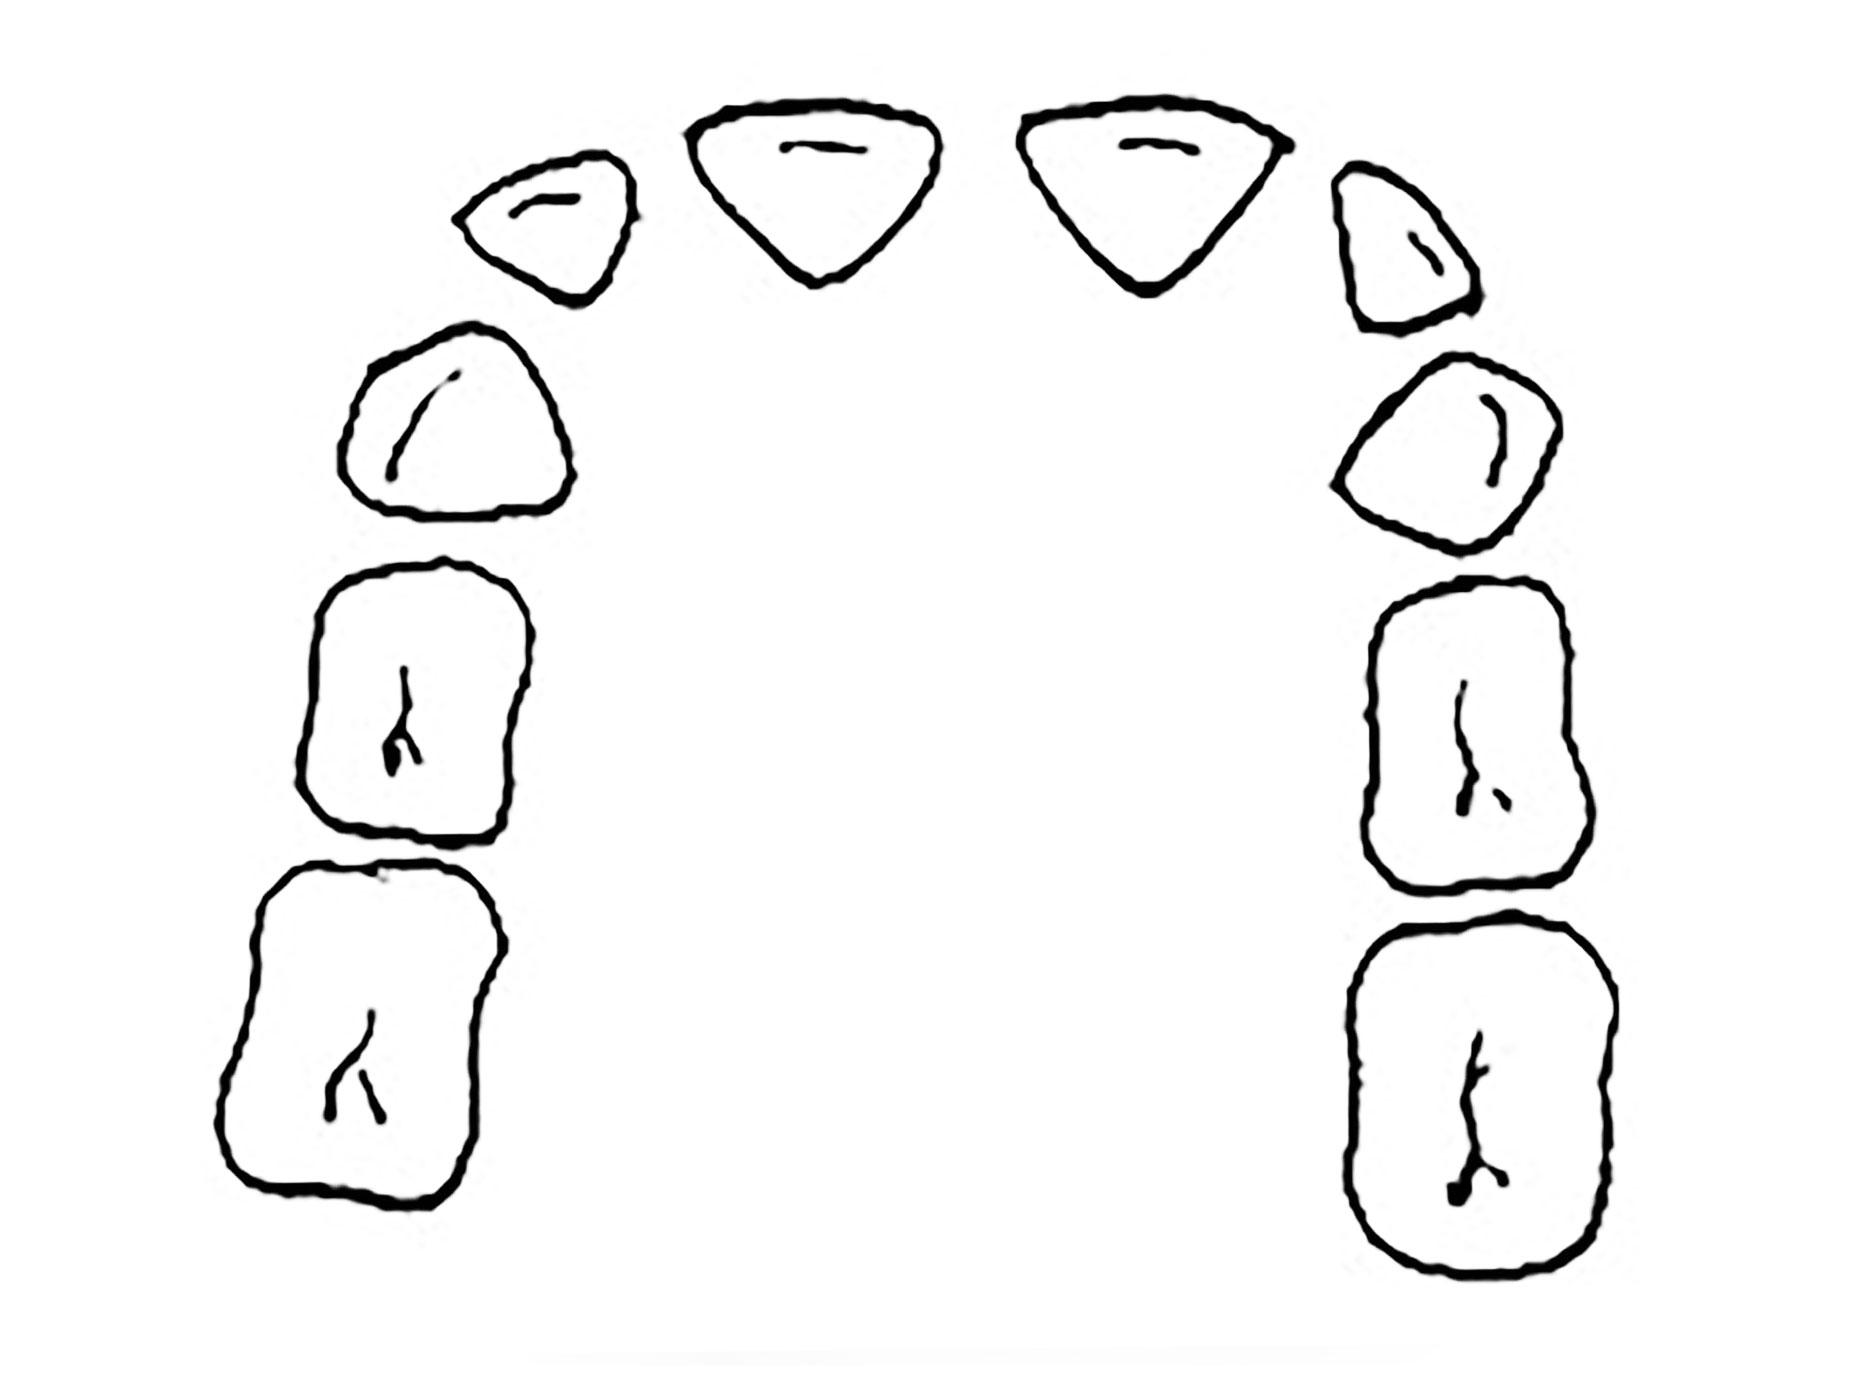 immagine della dentatura